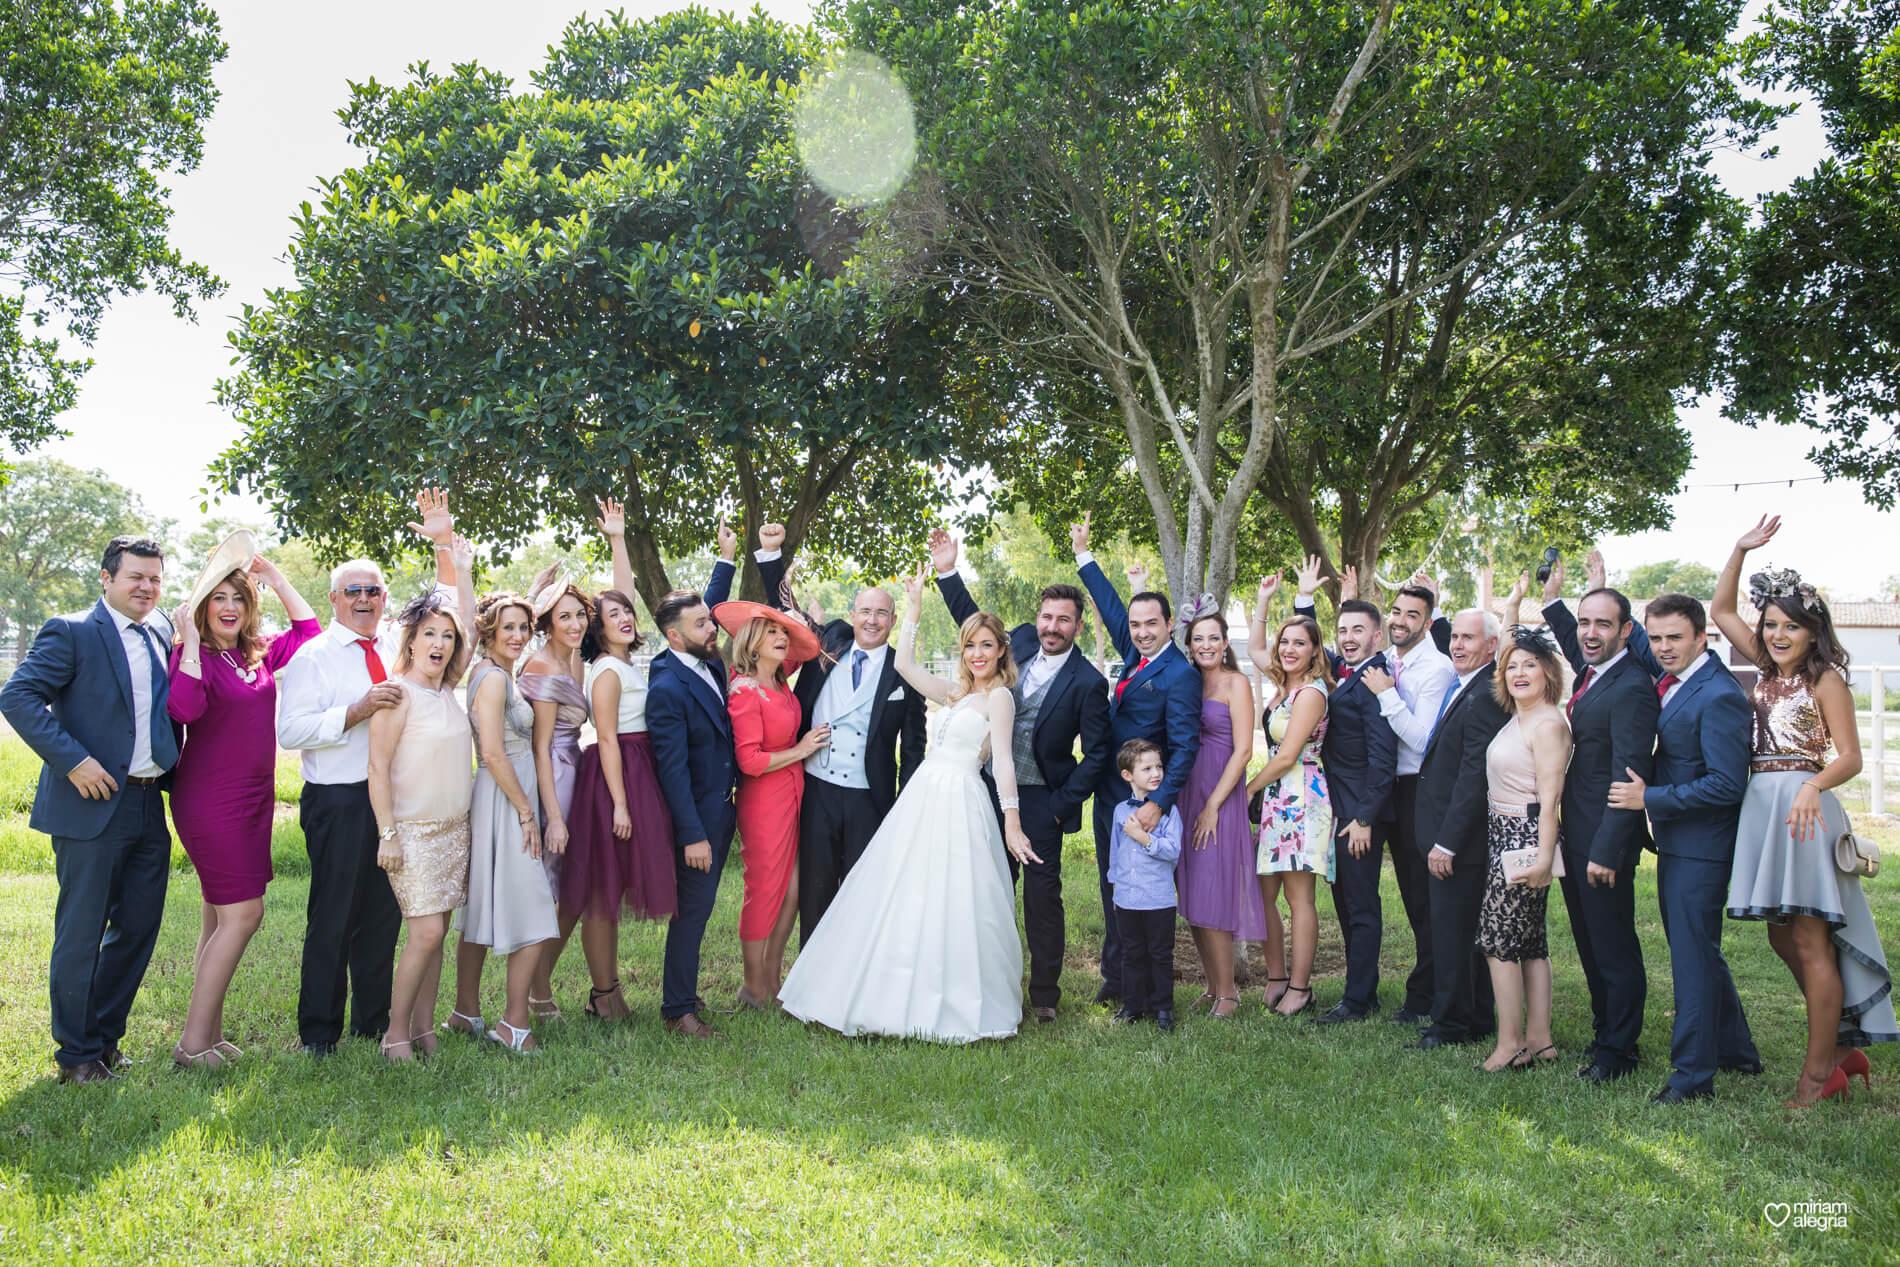 boda-en-finca-villa-vera-de-alemc7-miriam-alegria-fotografos-boda-murcia-143